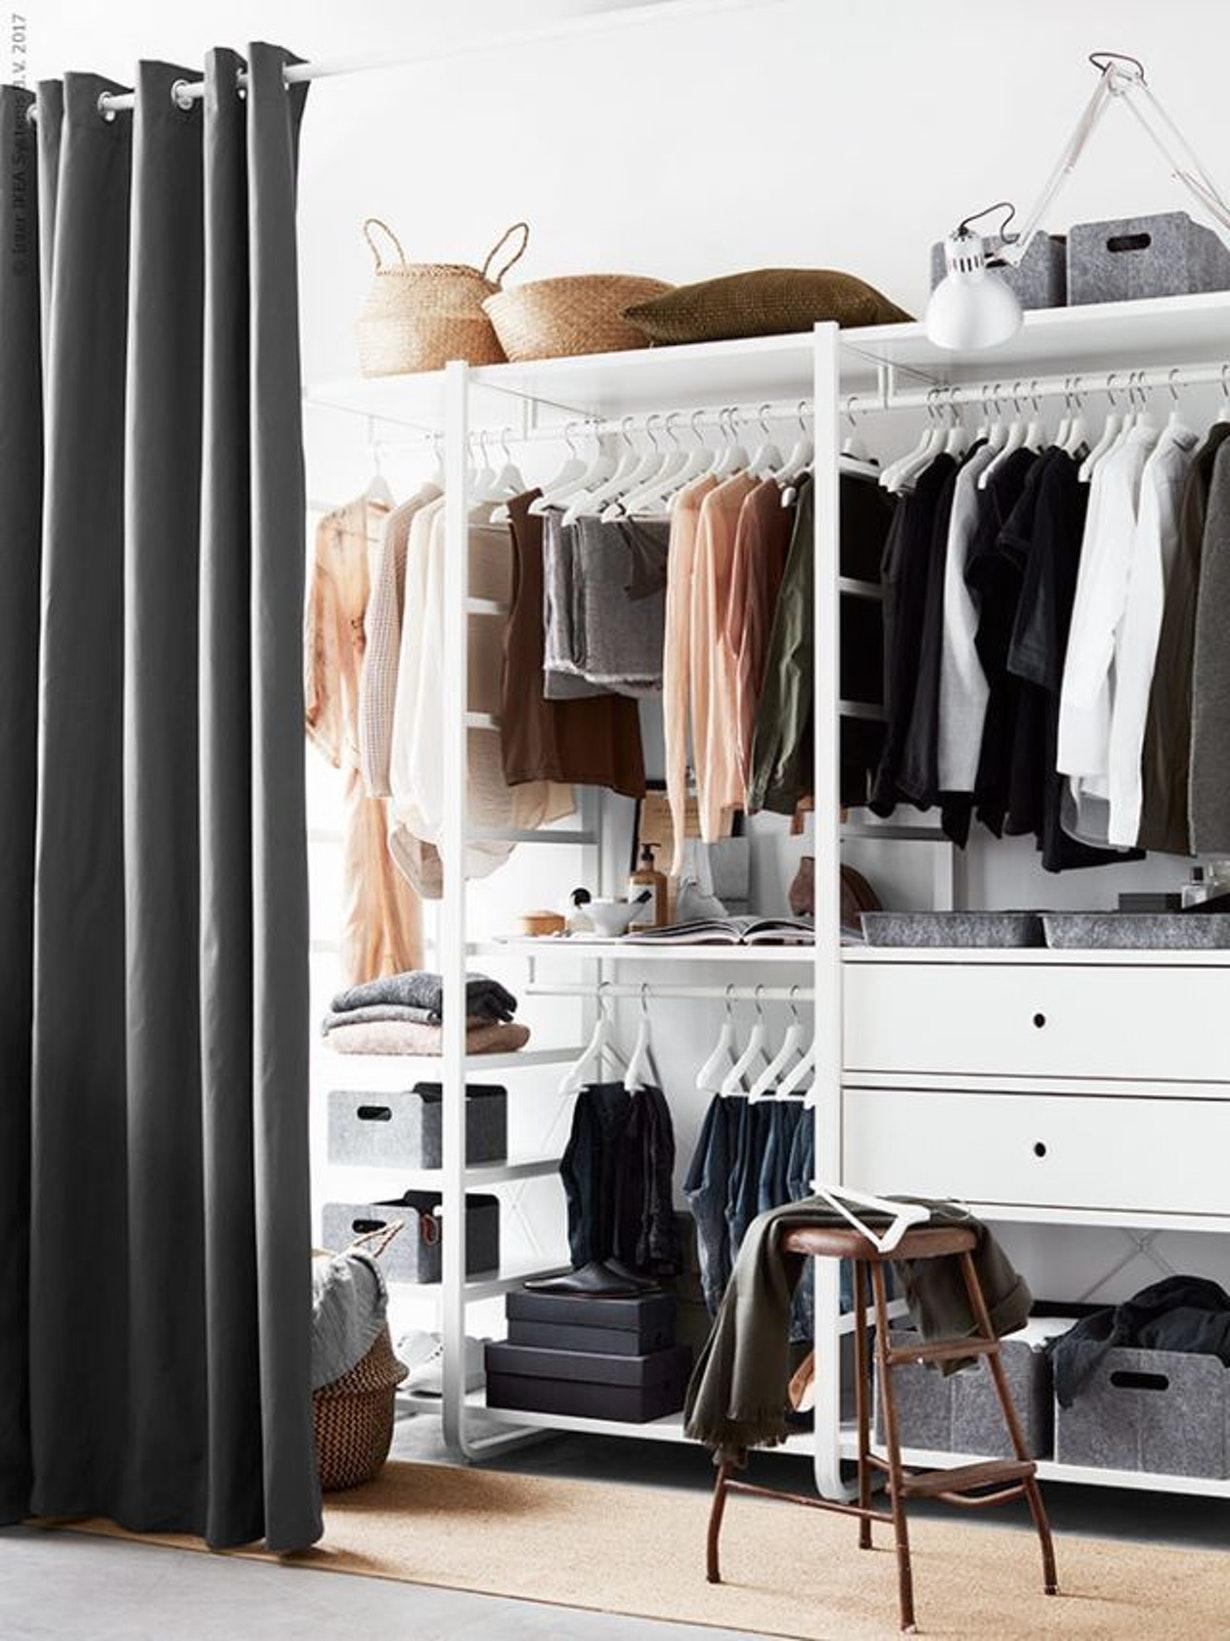 гардеробная в маленькой квартире фото 13